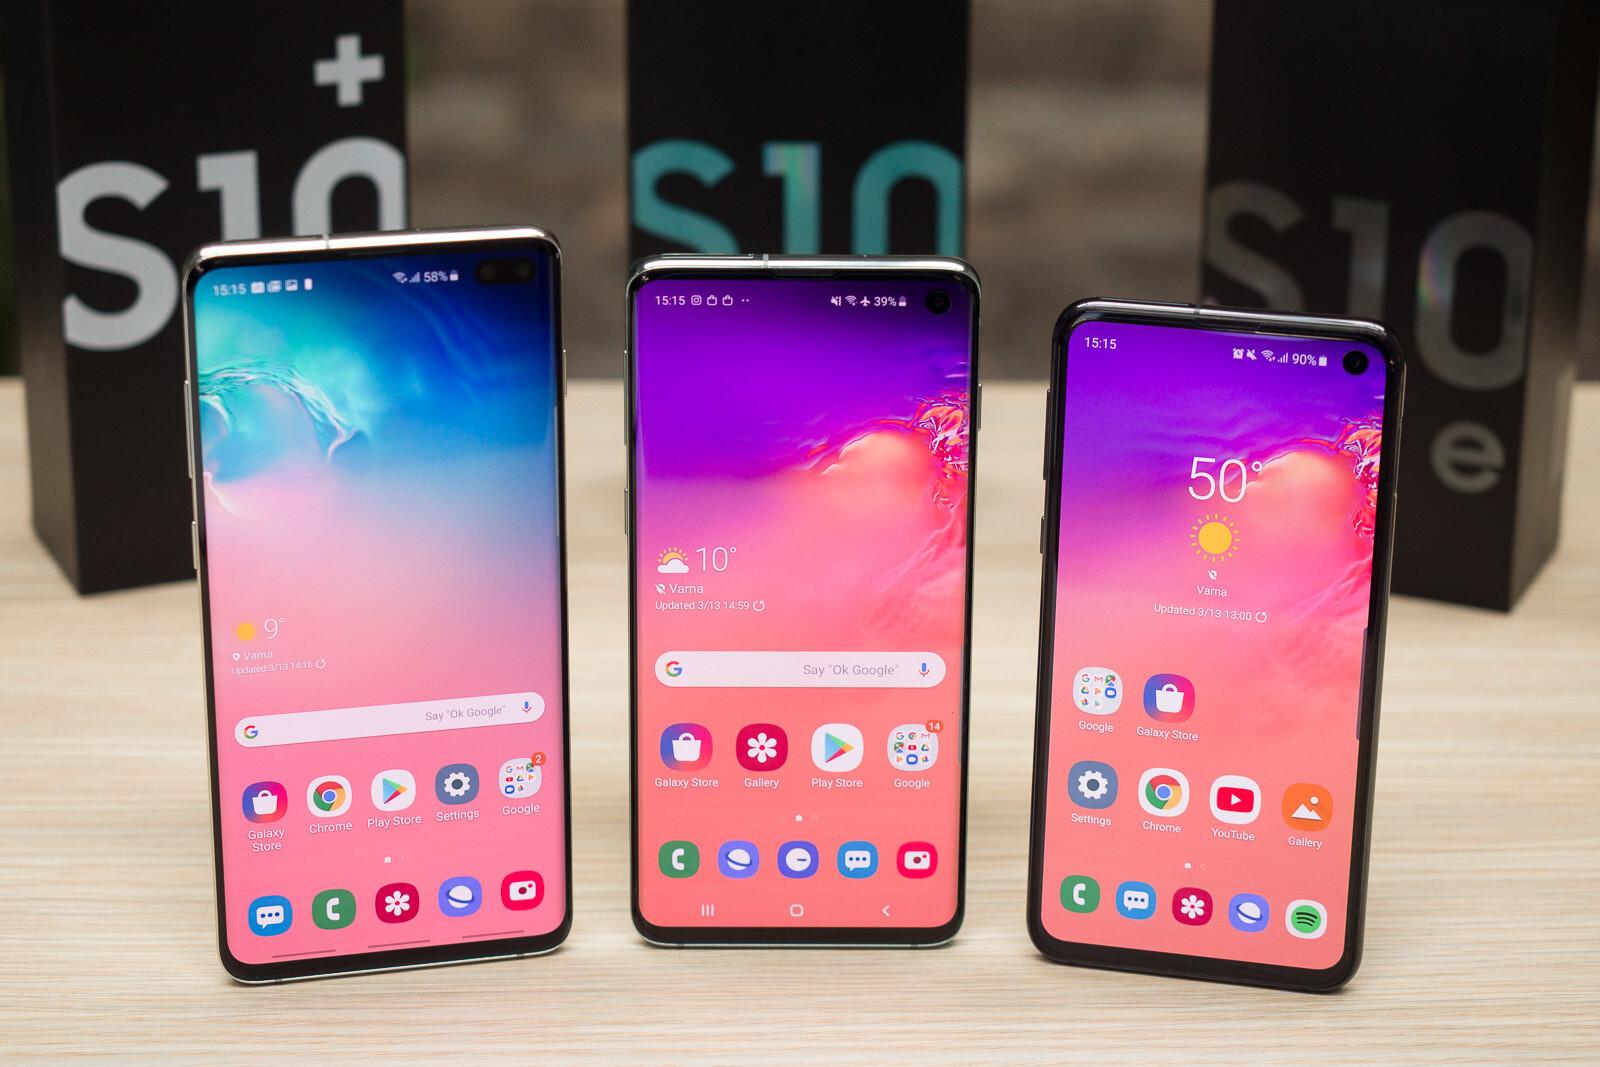 Best new phones upcoming in 2019 - PhoneArena